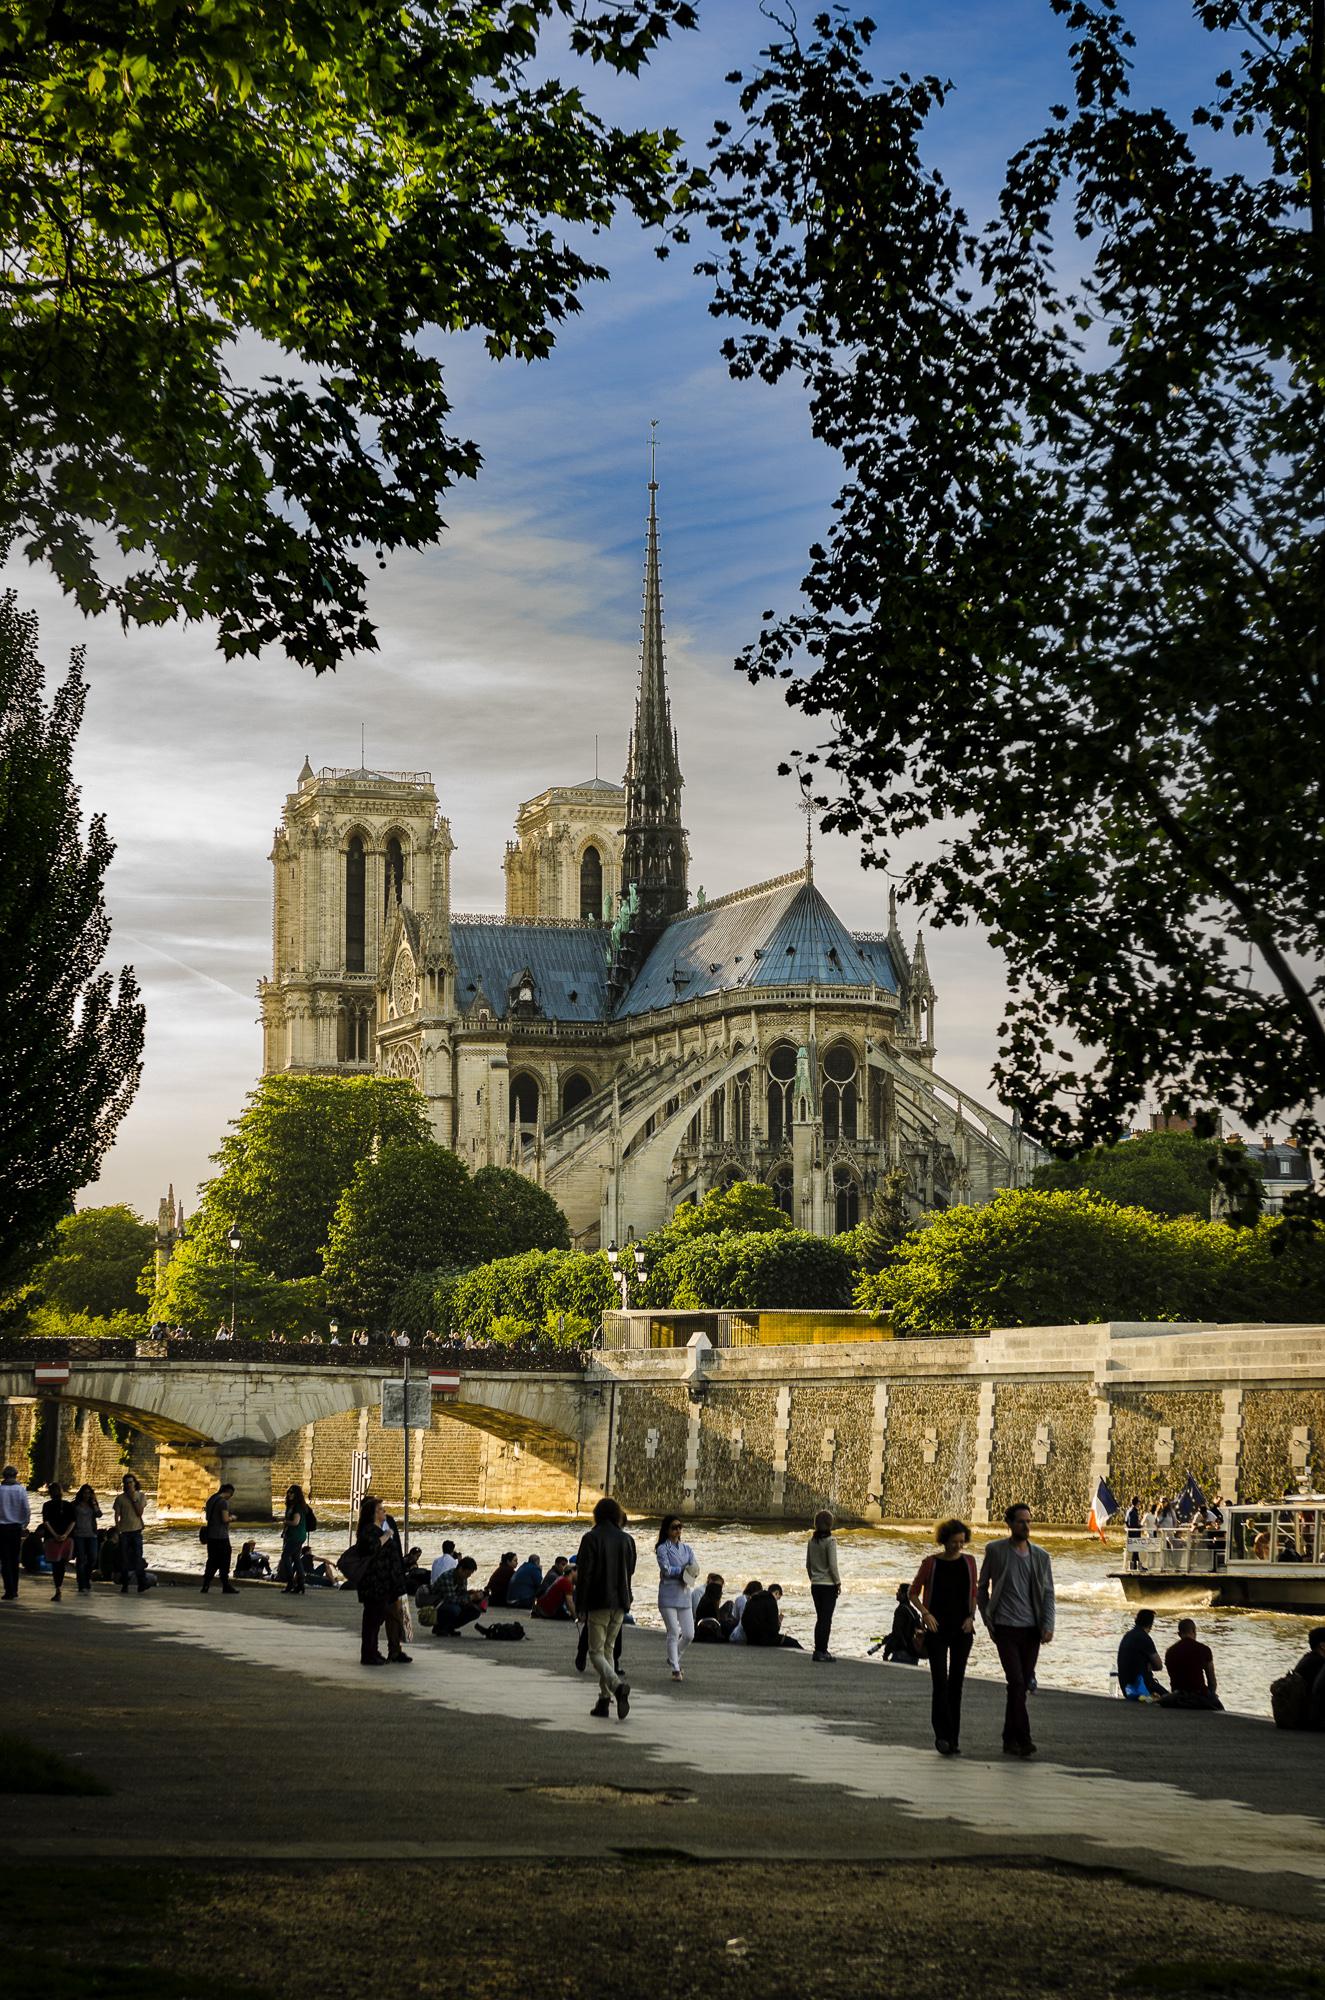 Notre Dame Fire 15/April/2019  PHOTOGRAPHY: ALEXANDER J.E. BRADLEY • NIKON D7000 • AF-S NIKKOR 24-70MM Ƒ/2.8G ED @ 48MM • Ƒ/4.5 • 1/320 • ISO 100